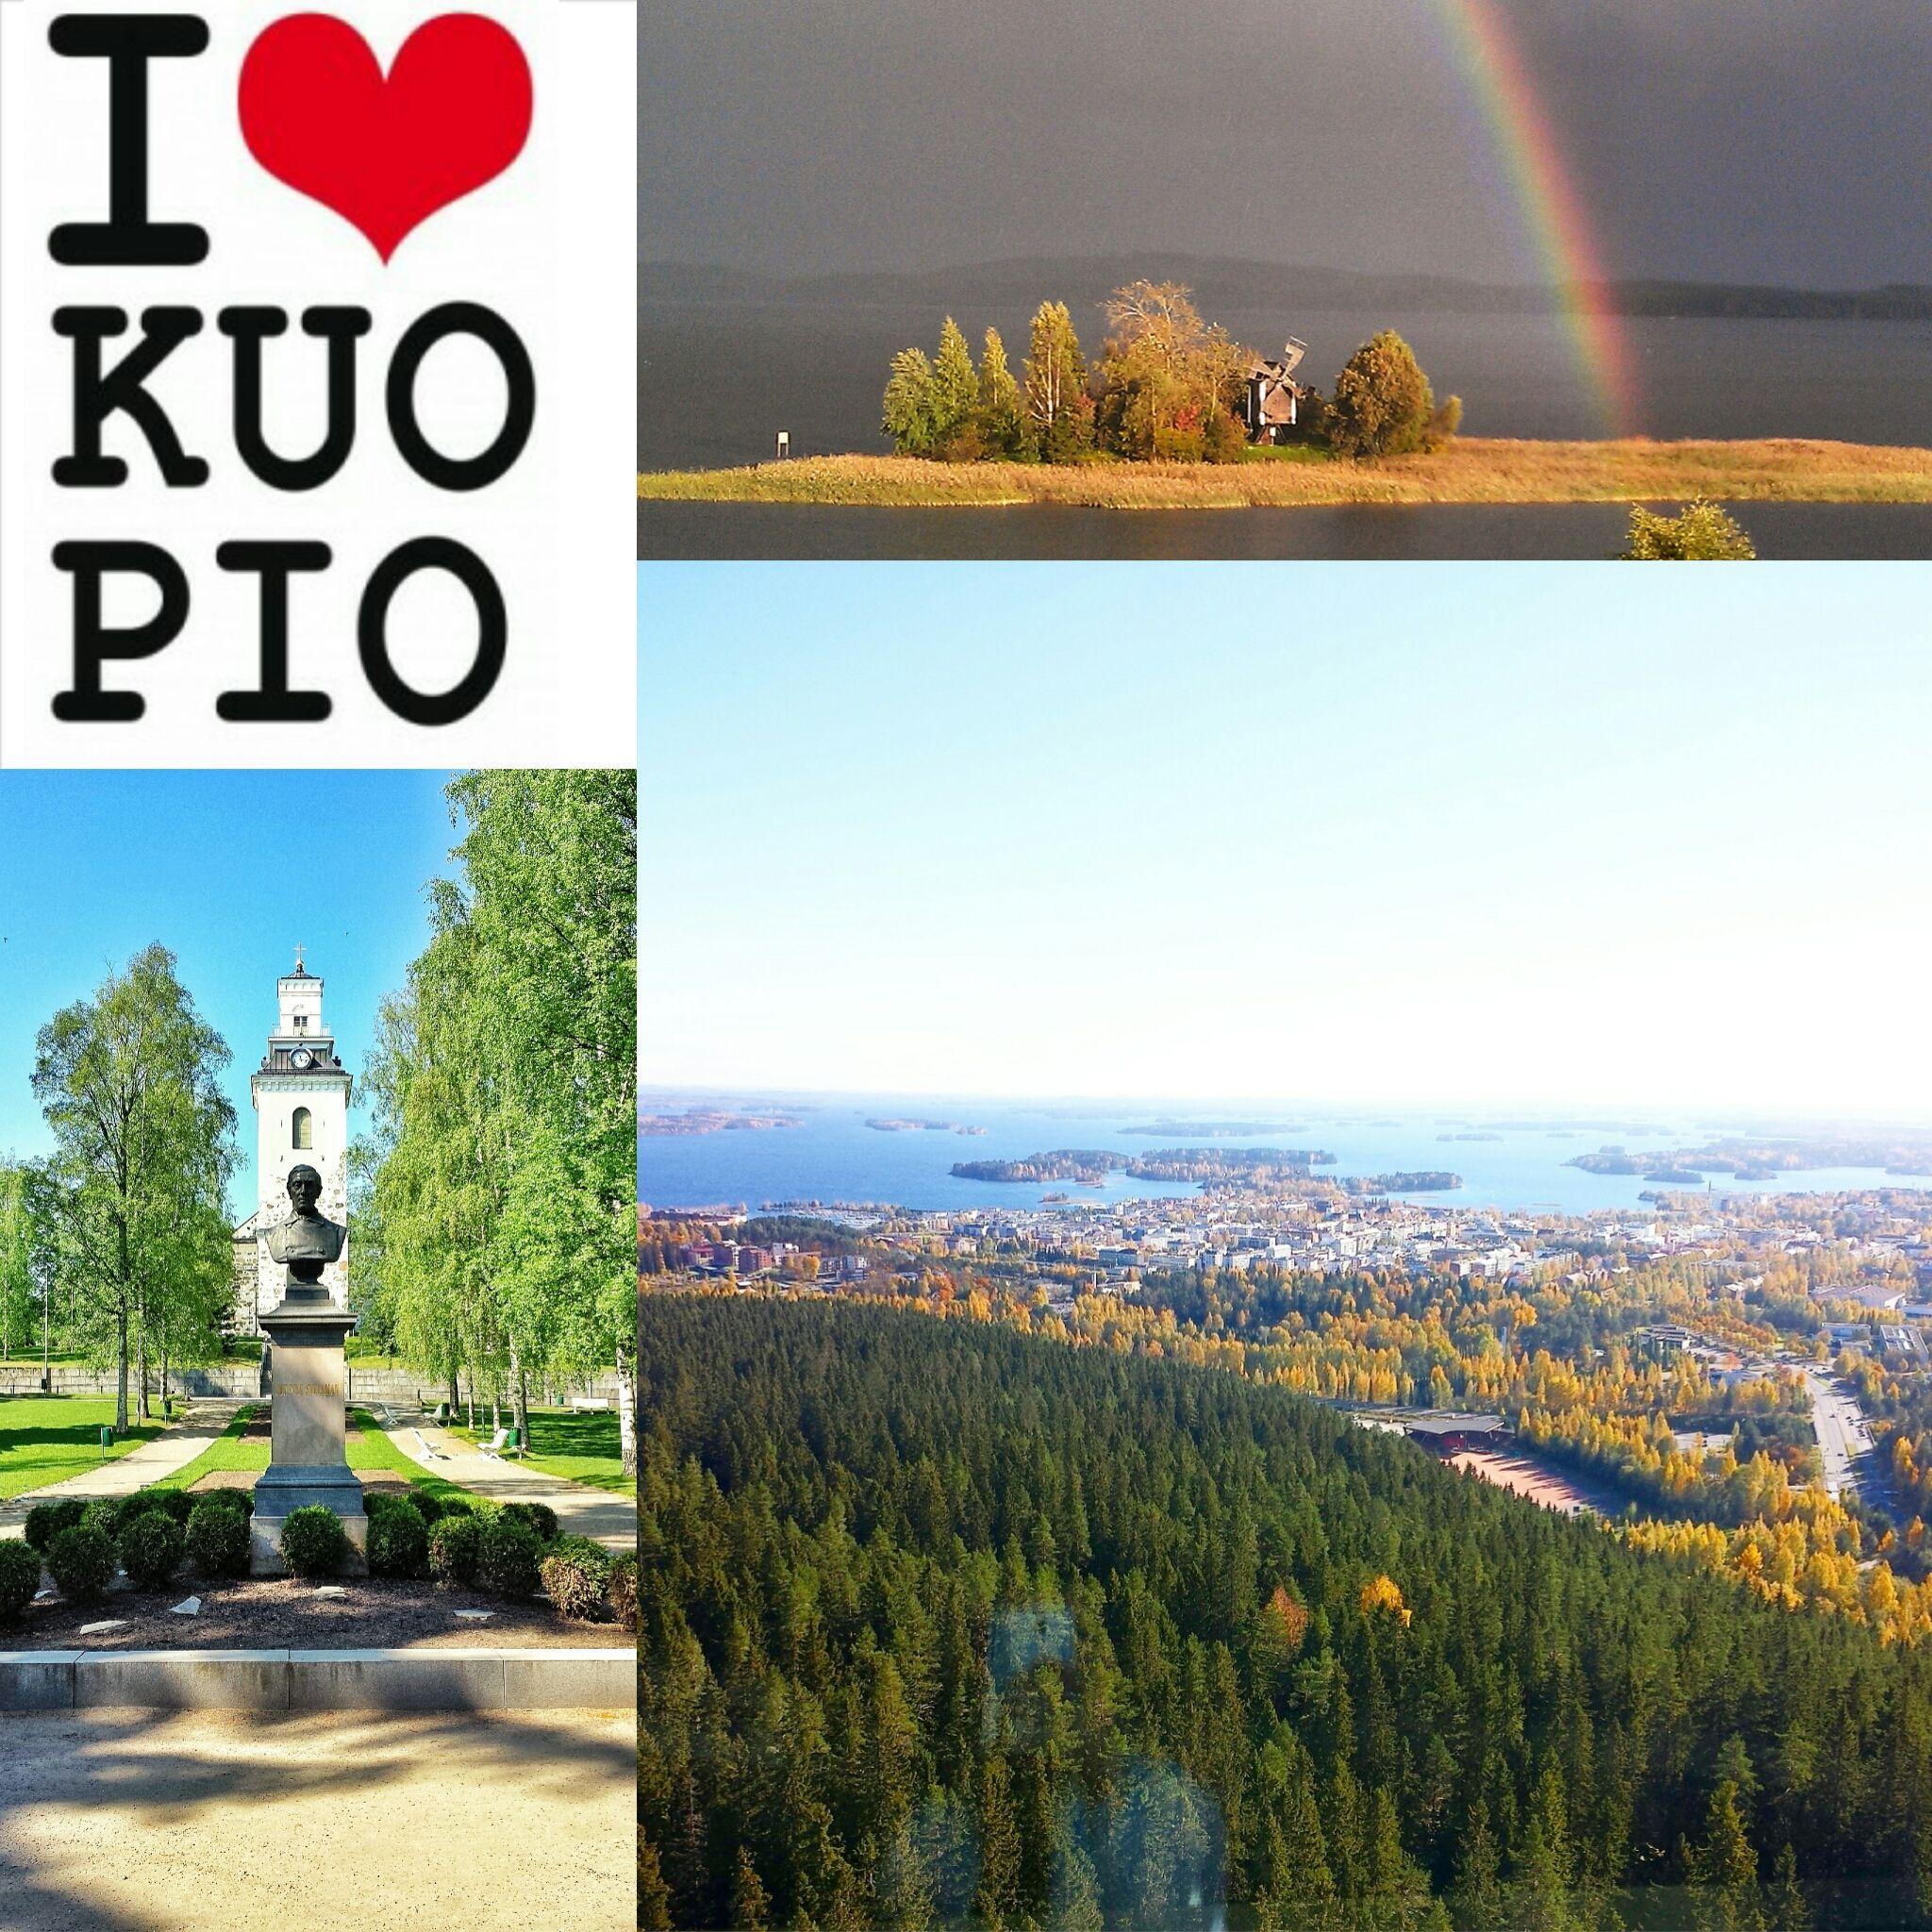 RAKKAUS: Palava rakkaus #Kuopio:ta kohtaan. Mualiman paras paikka, immeisen kokoinen kaapunki! Kuvat omista arkistoista sekä lovekuopio.com/